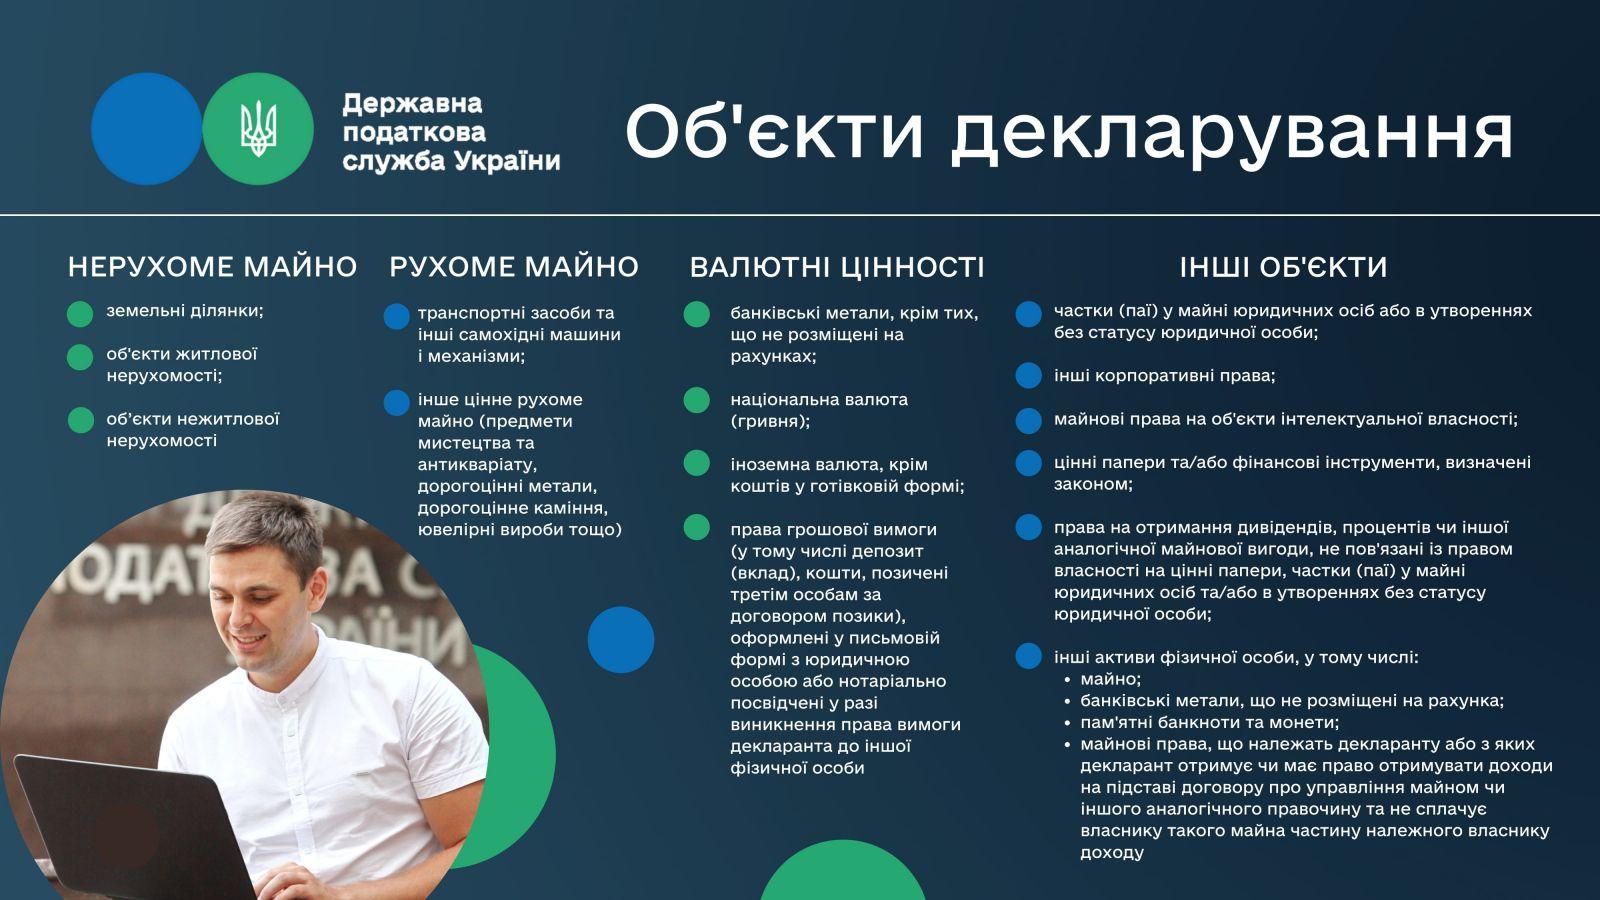 Налоговая амнистия в Украине. Кому запрещено подавать декларацию